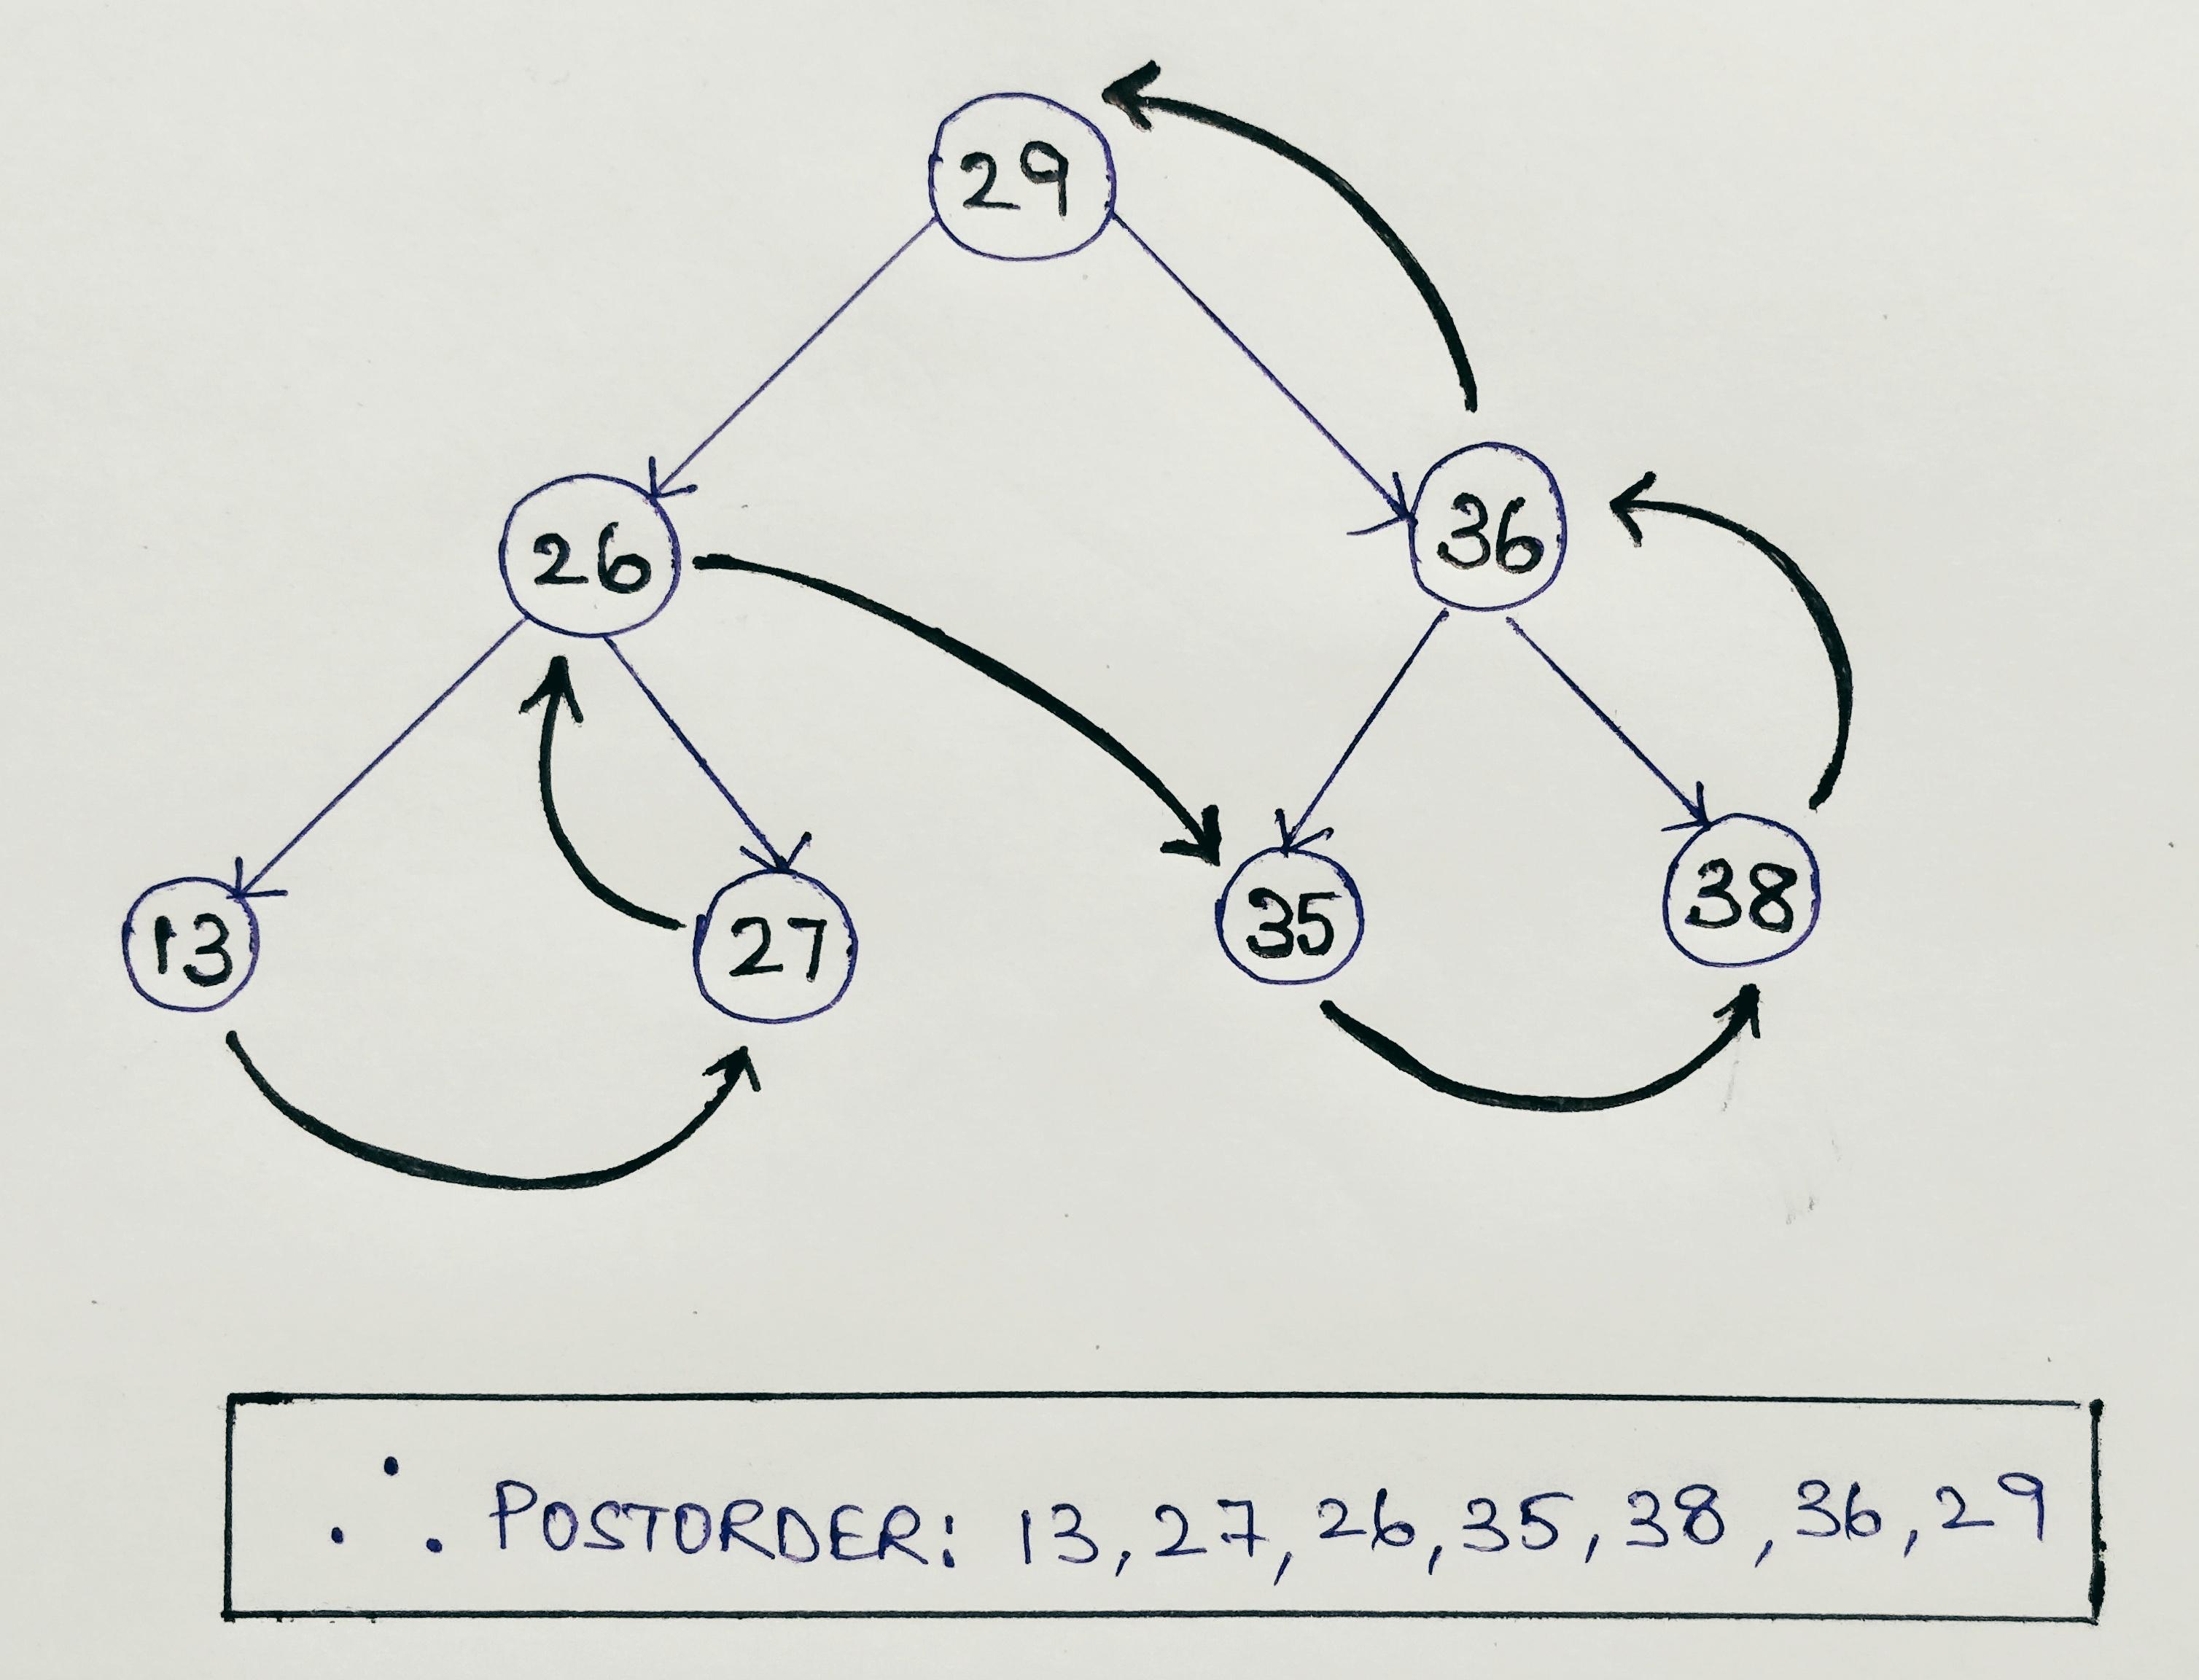 Postorder tree Traversal using Recursion in Java